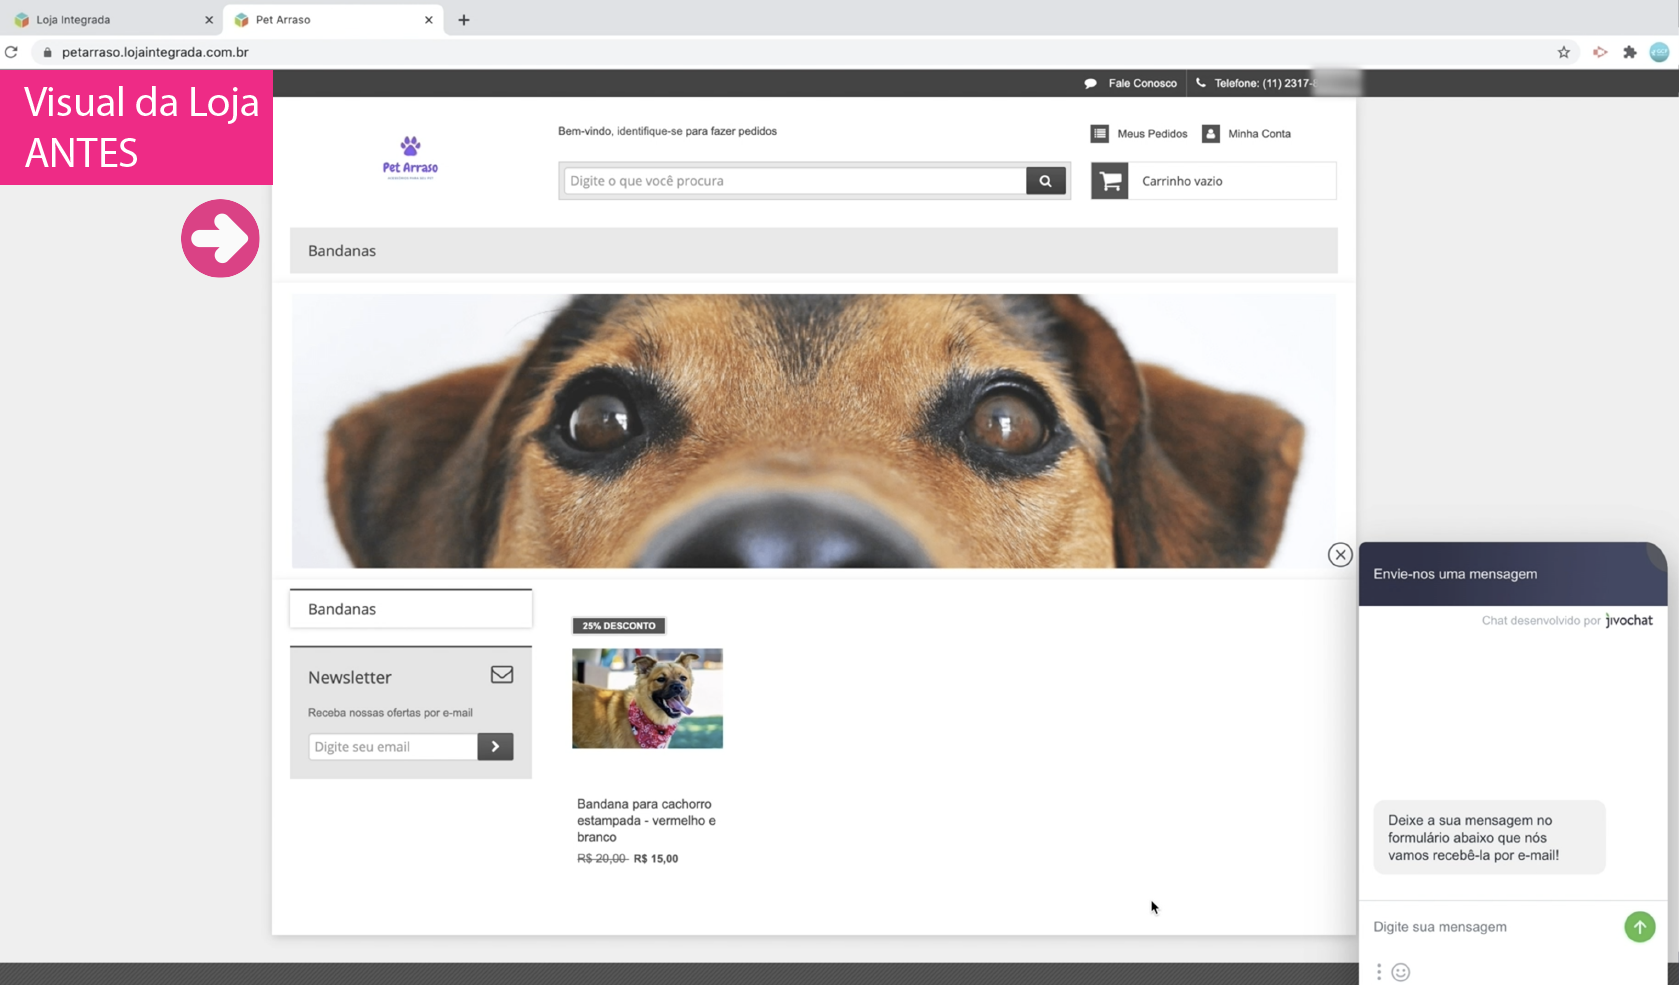 imagem1 visual da nossa loja virtual antes das mudanças de layout